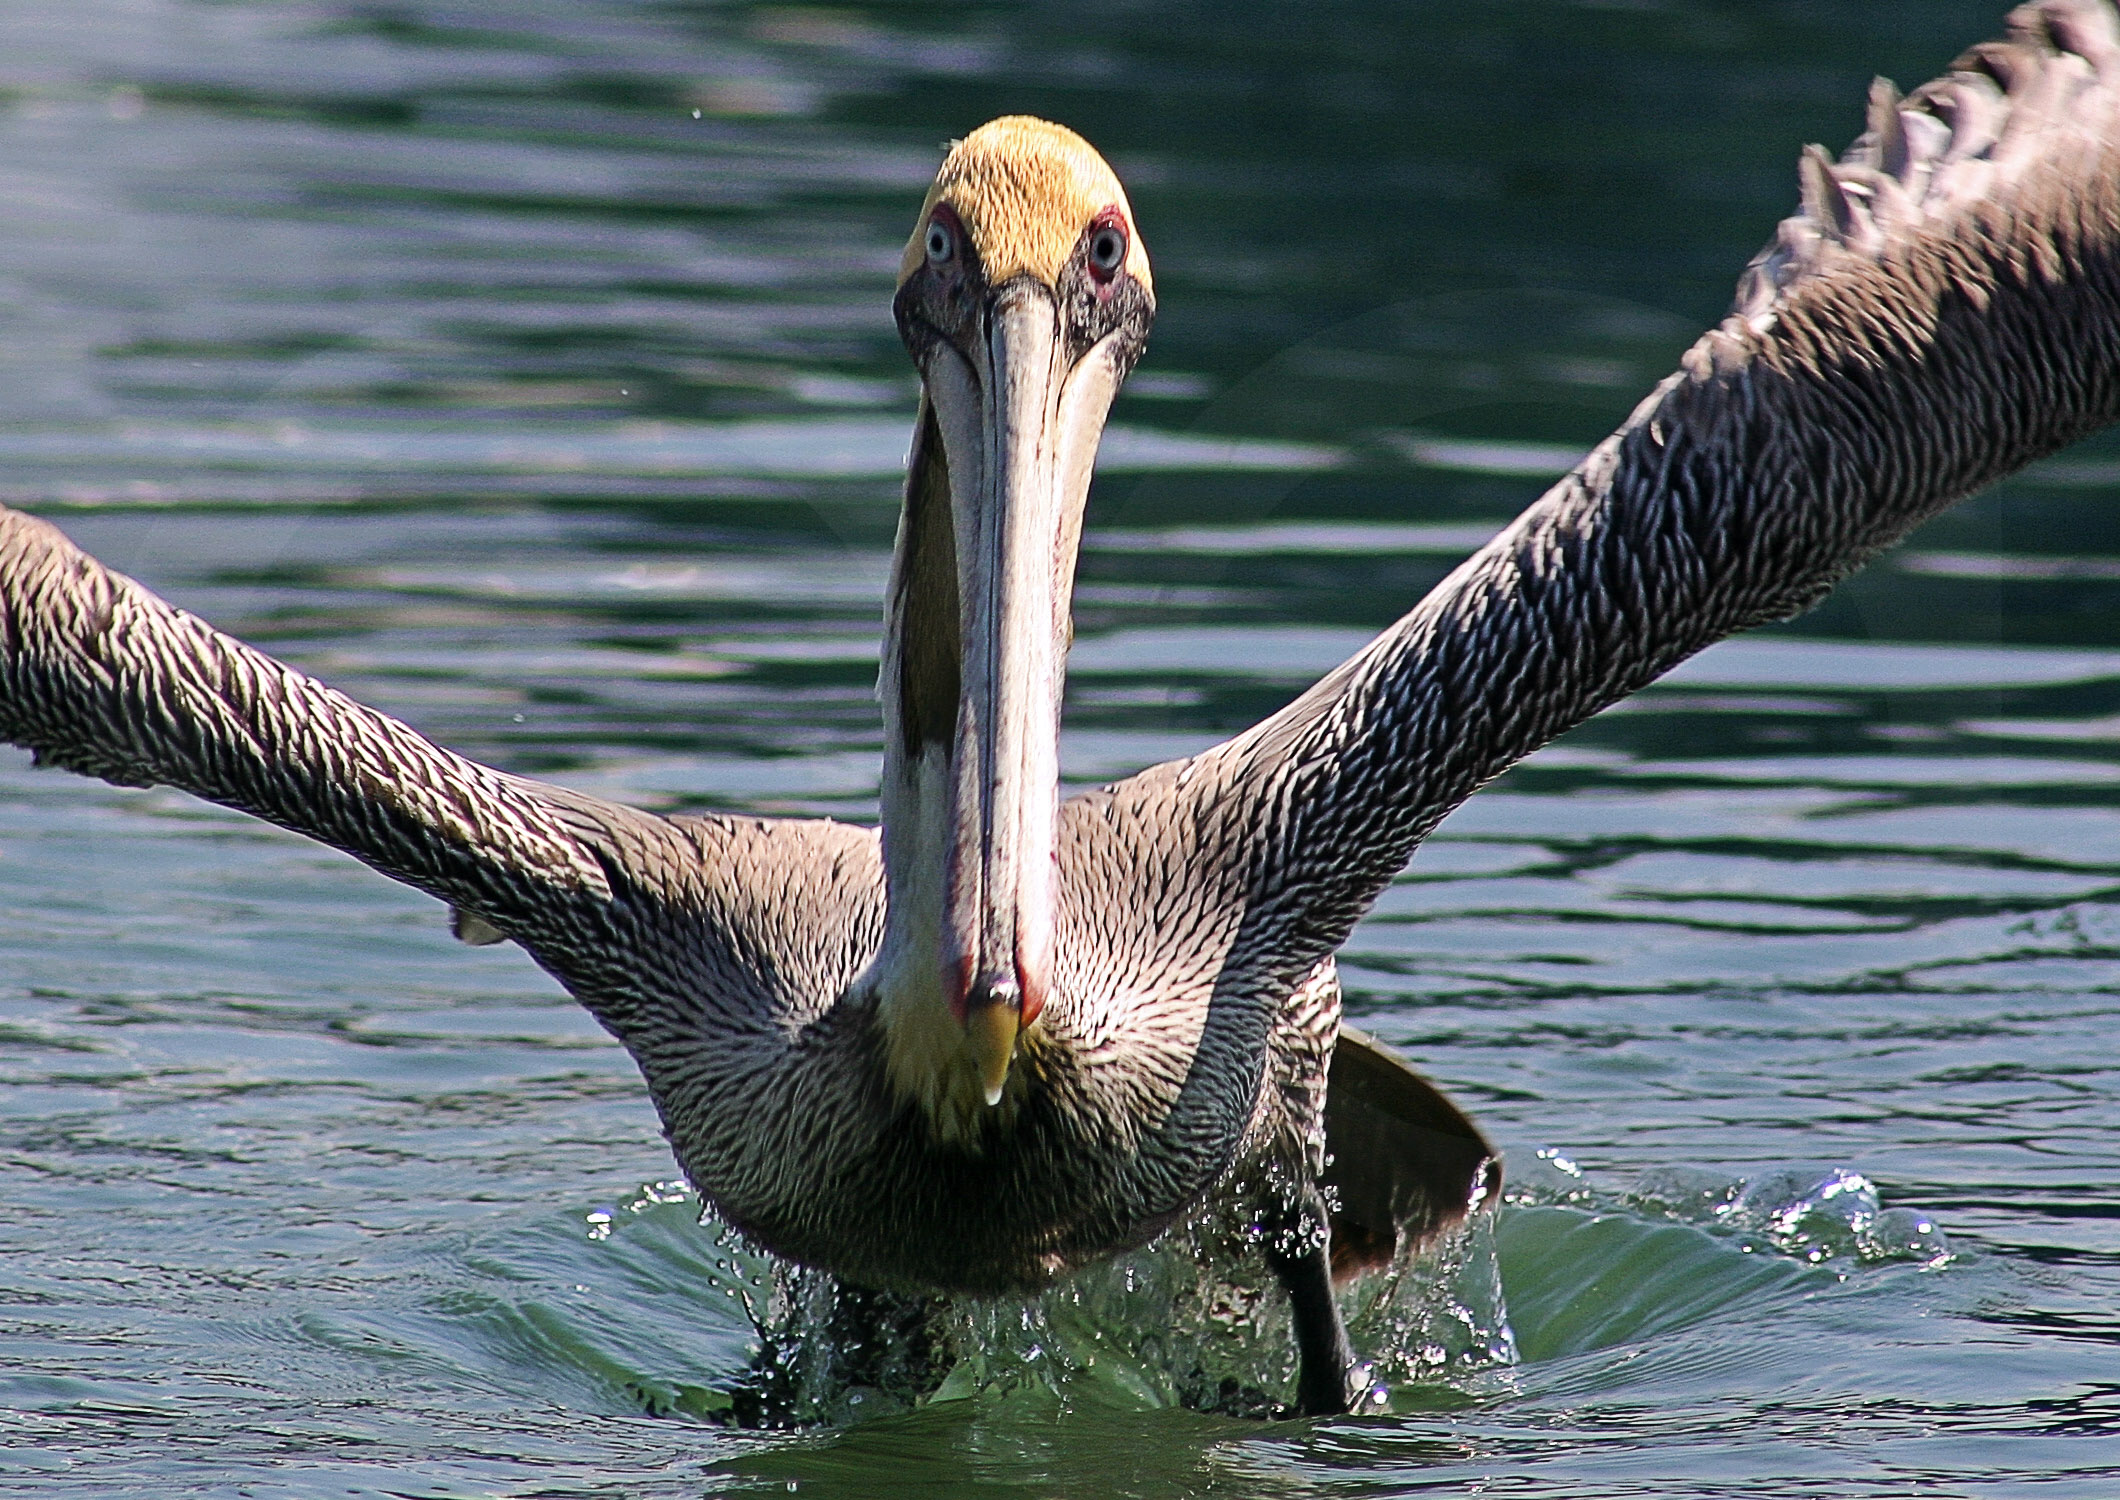 Fotos pel canos relatos de la naturaleza - Fotos de pelicanos ...